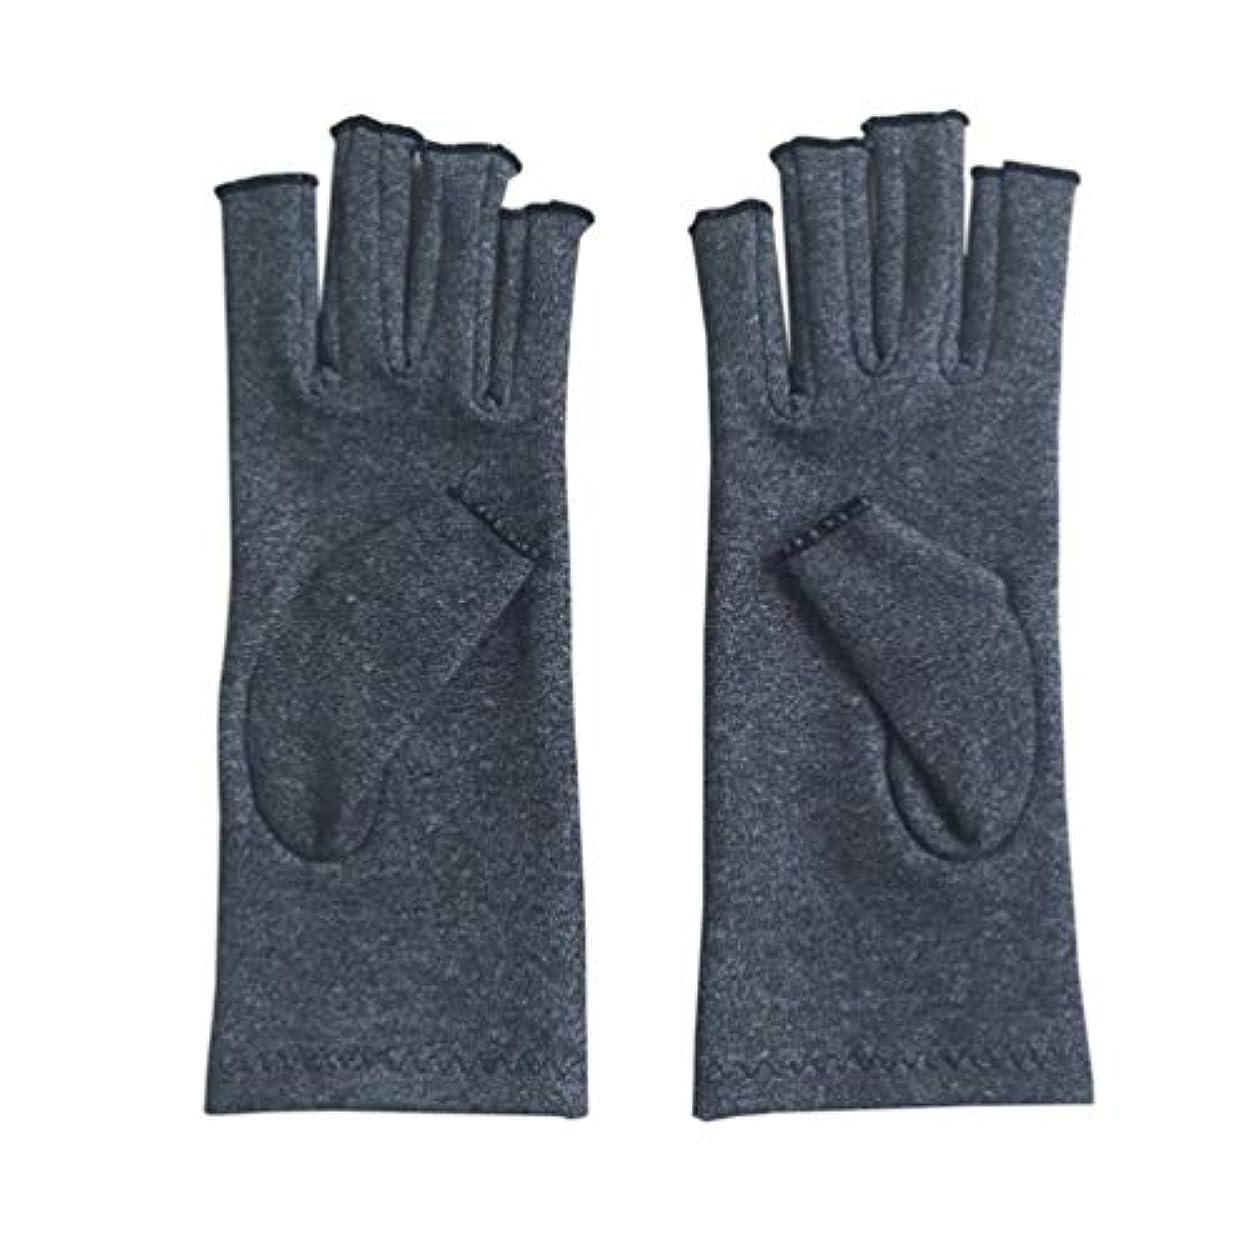 レモンカラスリラックスペア/セット快適な男性女性療法圧縮手袋無地通気性関節炎関節痛緩和手袋 - グレーM